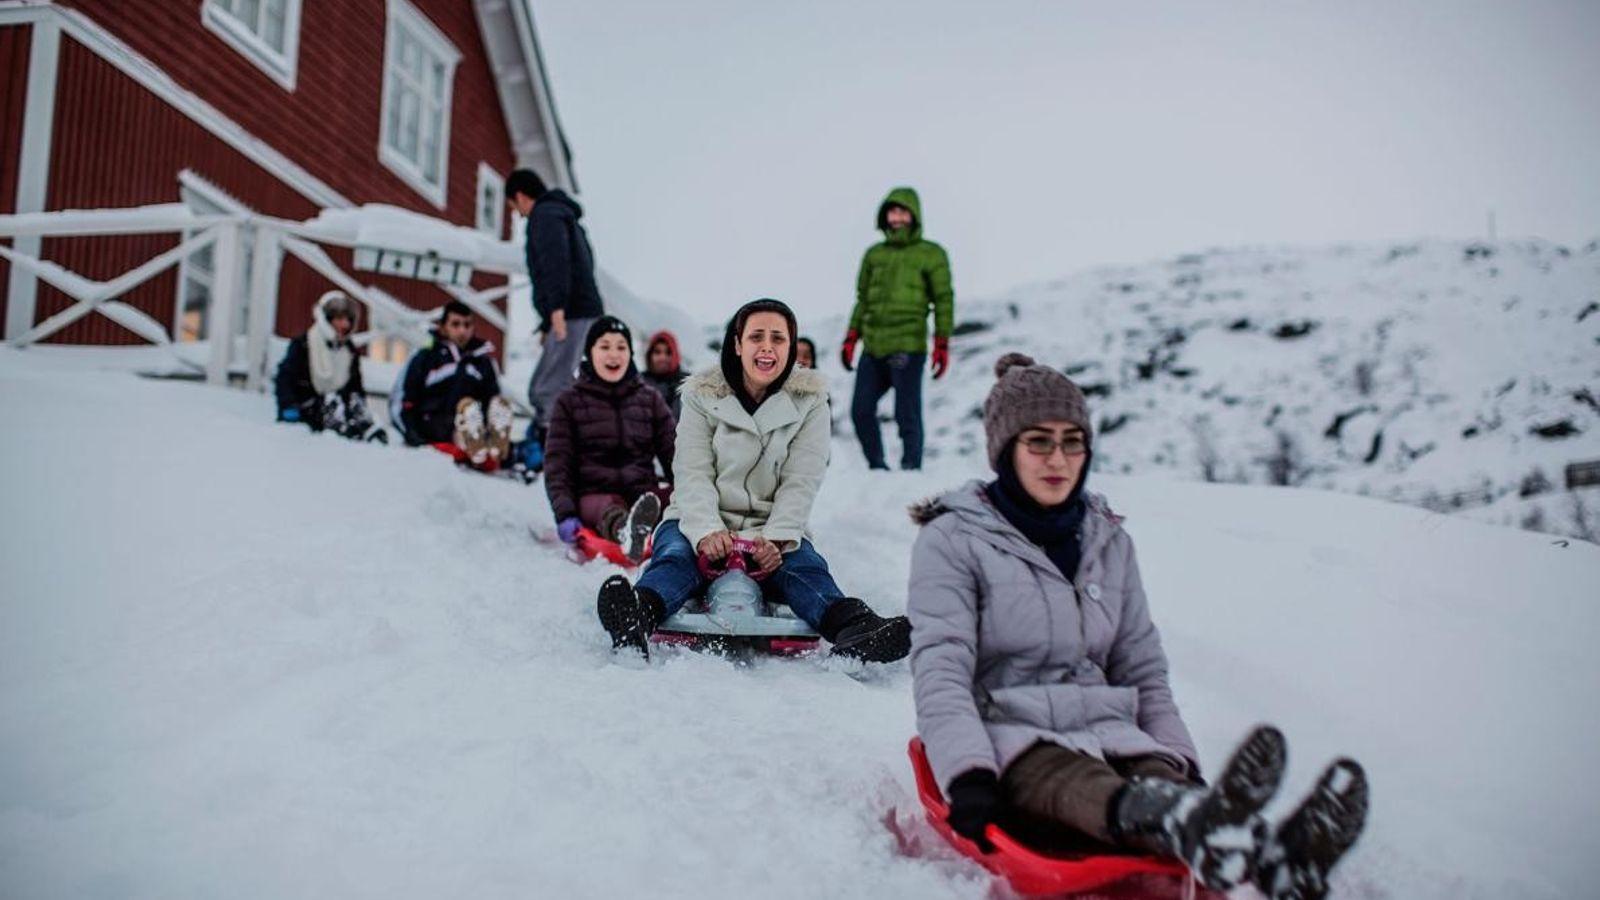 De nombreux réfugiés à Riksgränsen n'avaient jamais vu la neige. La station a acheté des luges ...